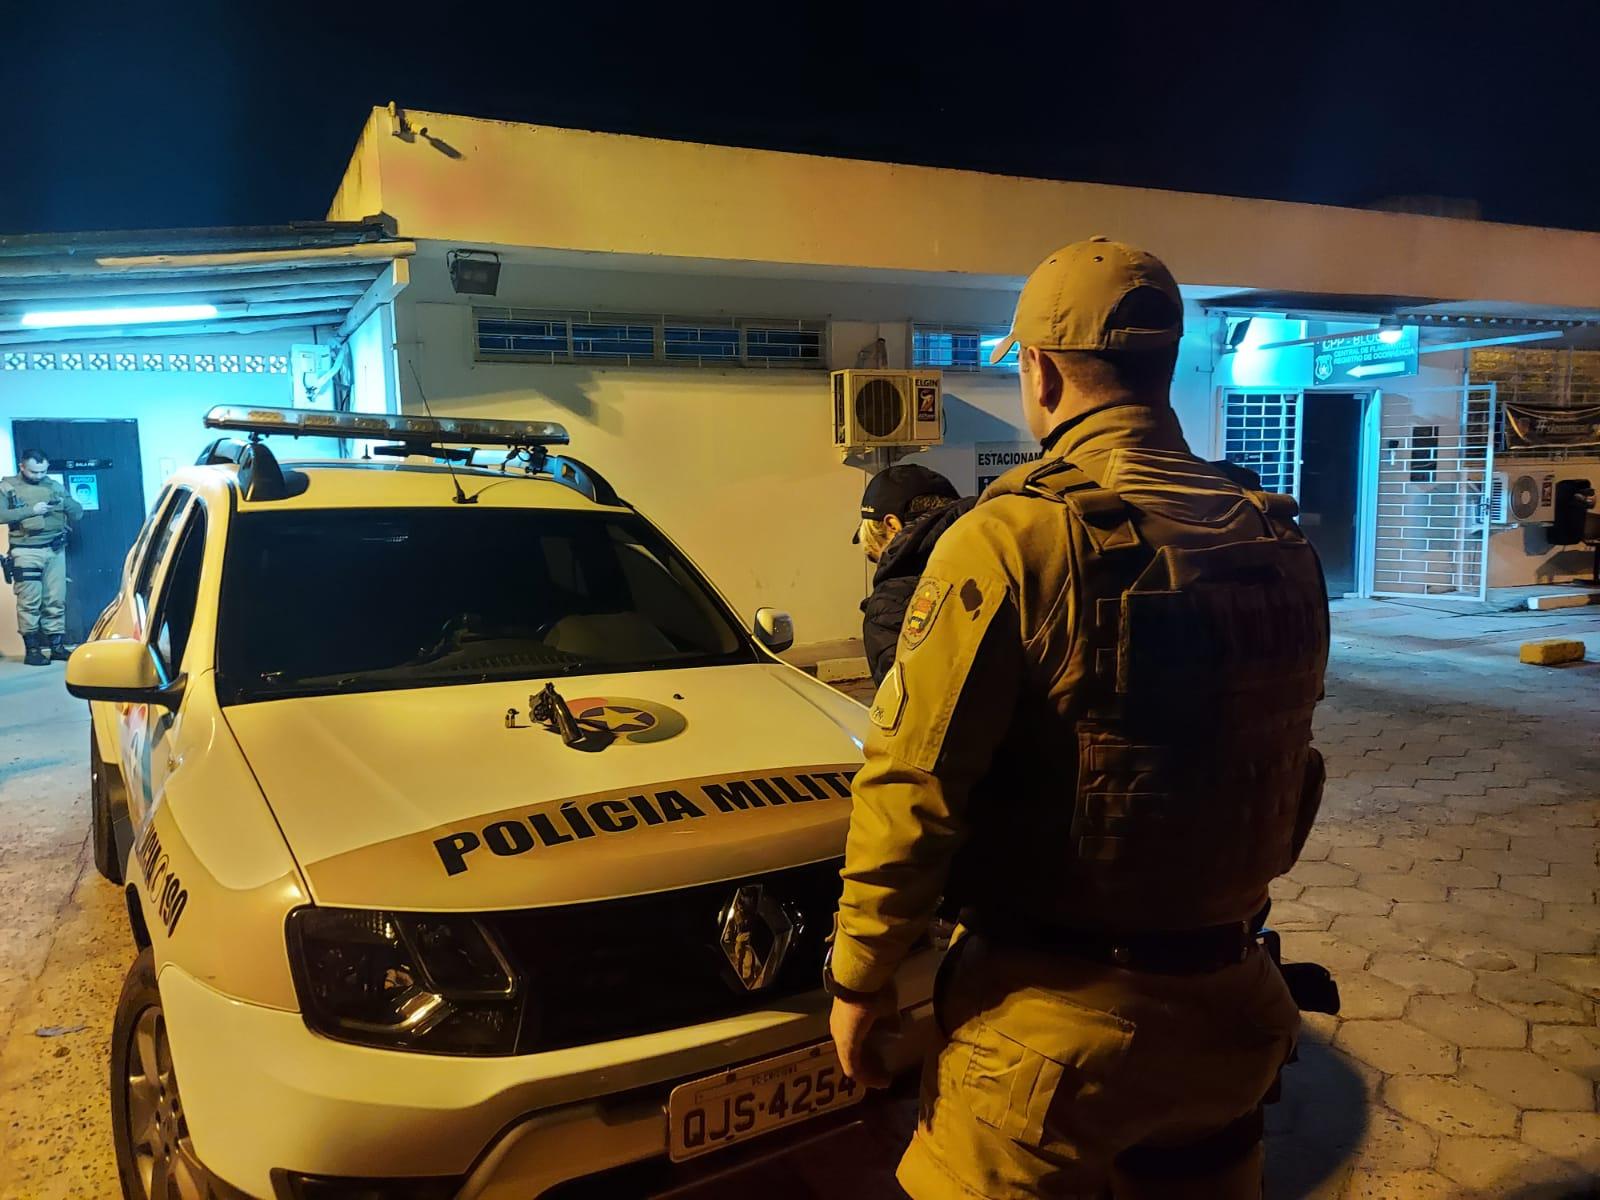 Polícia Militar prende bandidos e apreende arma de fogo em Criciúma